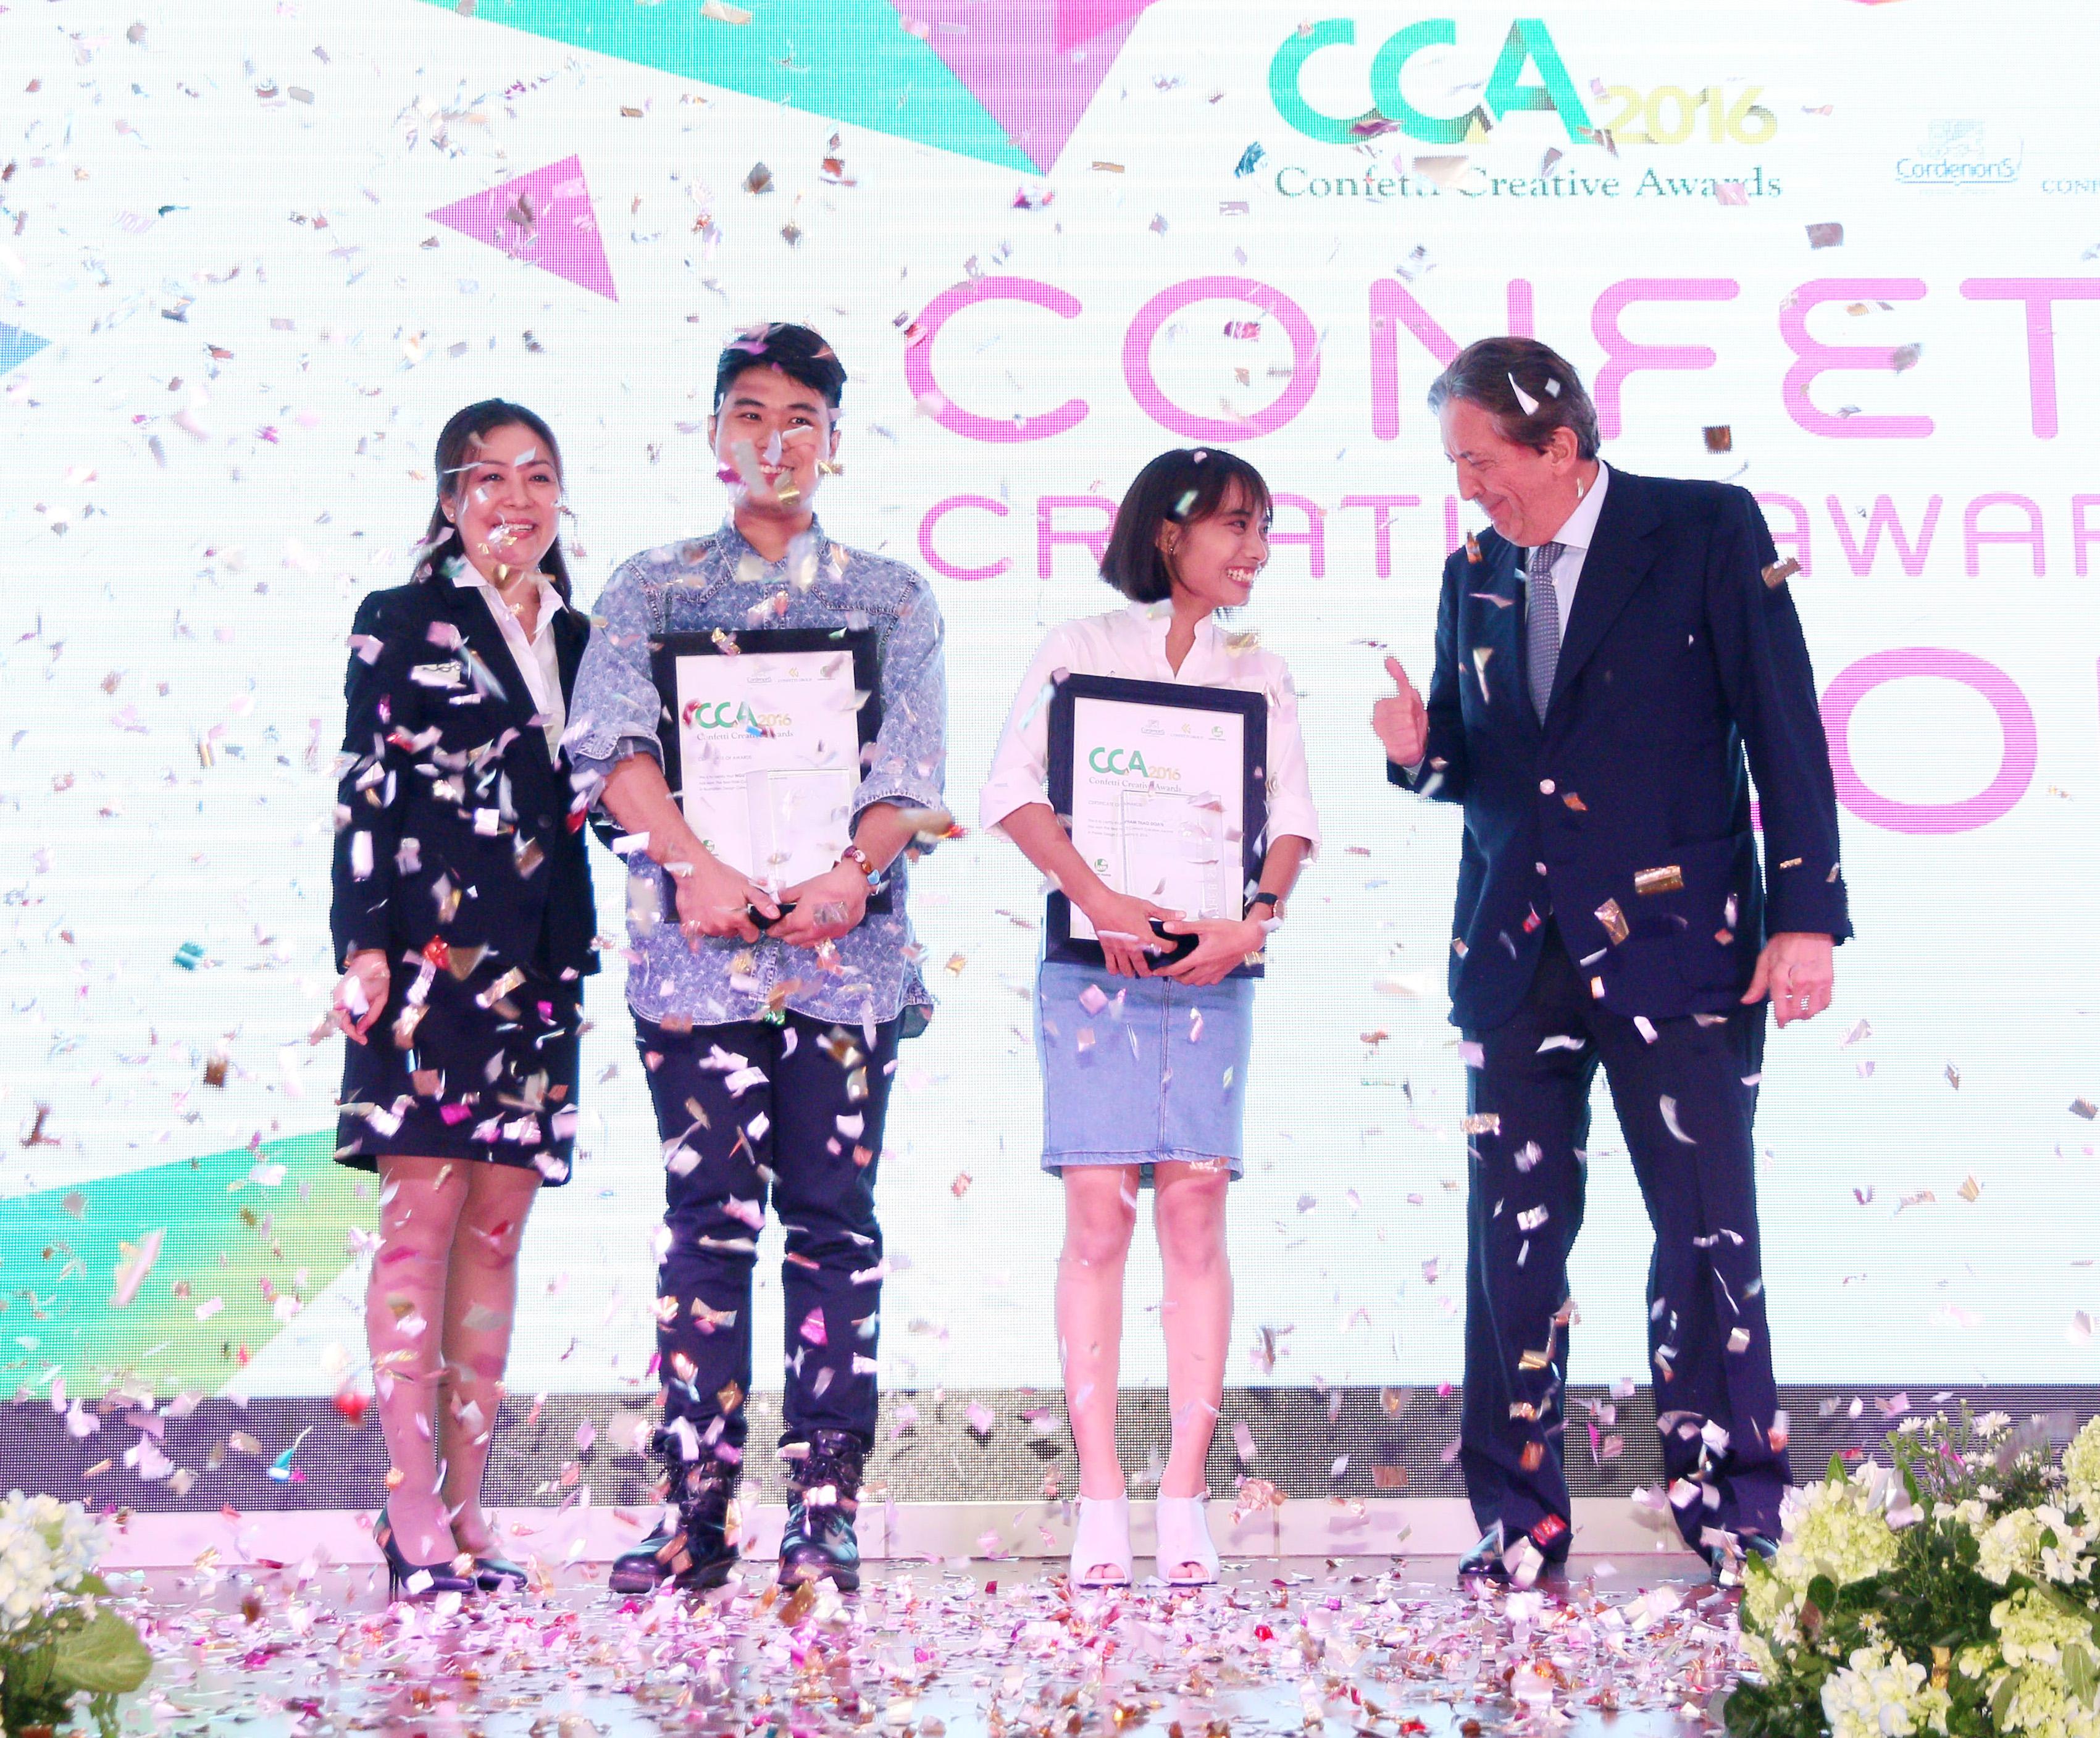 Giấy Lan Vi | Kết quả cuộc thi thiết kế đồ họa Confetti Creative Awards 2016